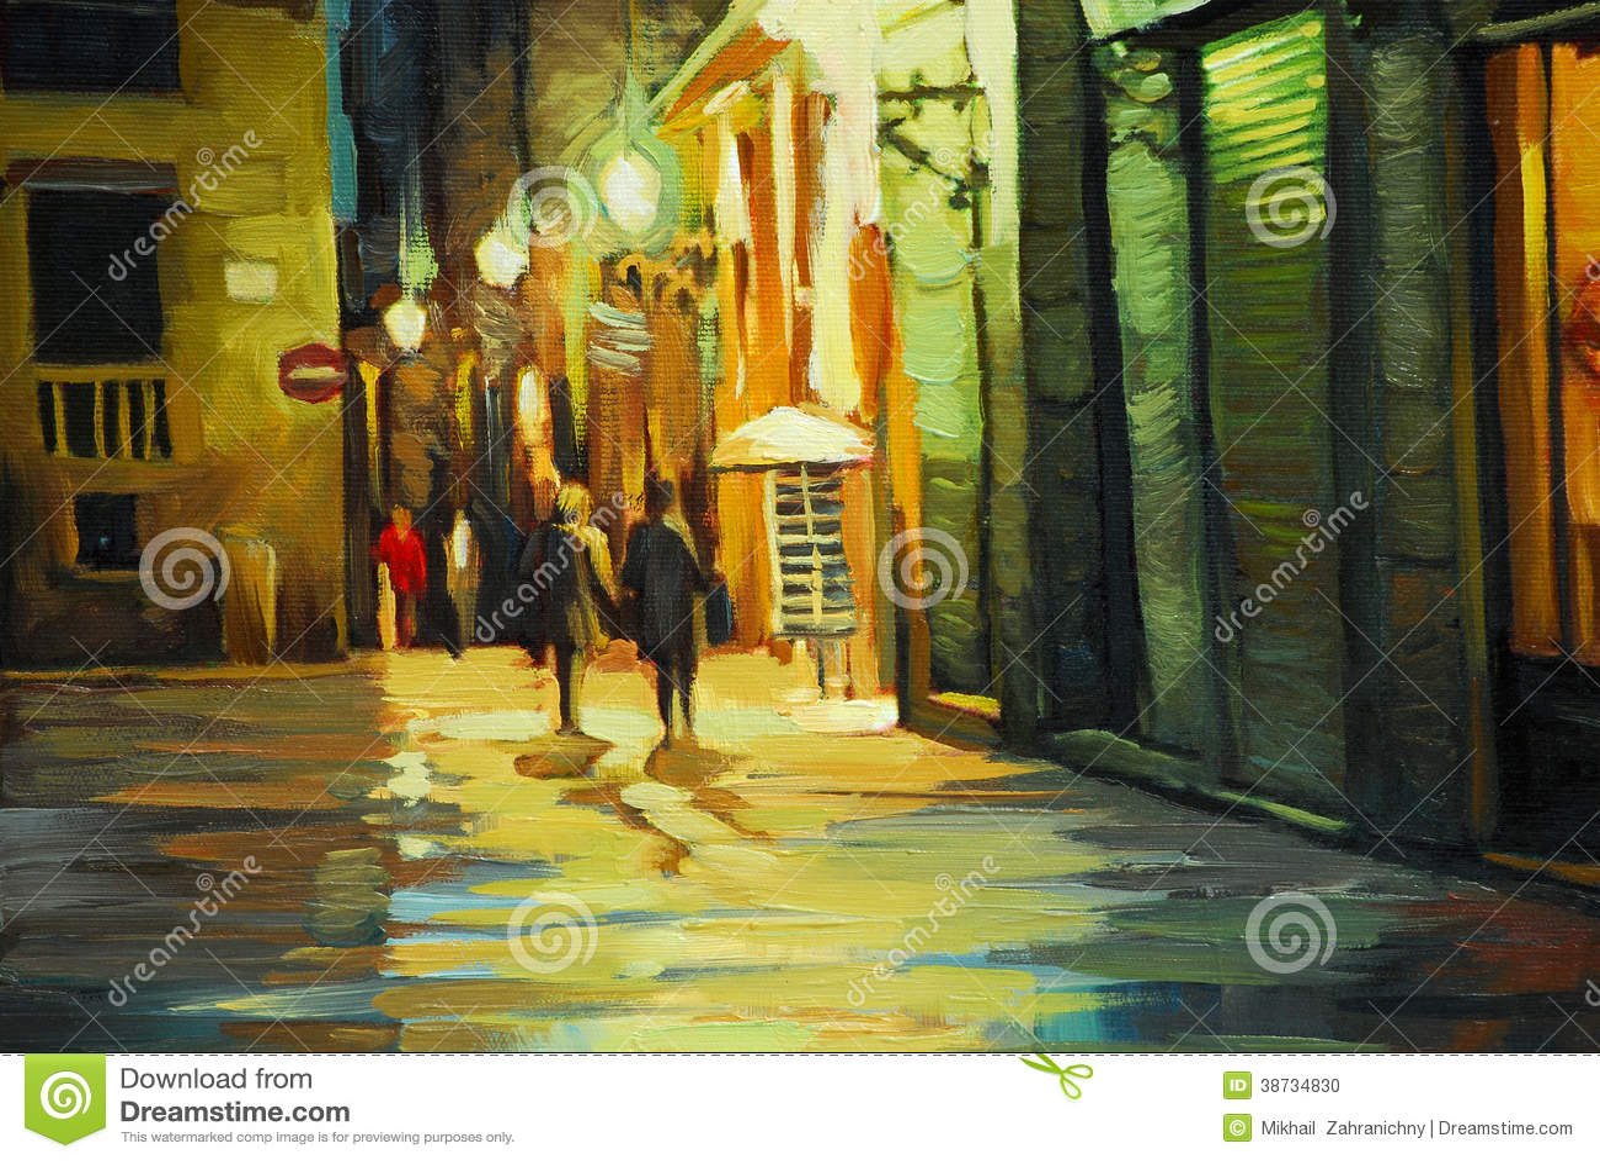 Идите дождь в готическом квартале Барселоны, крася